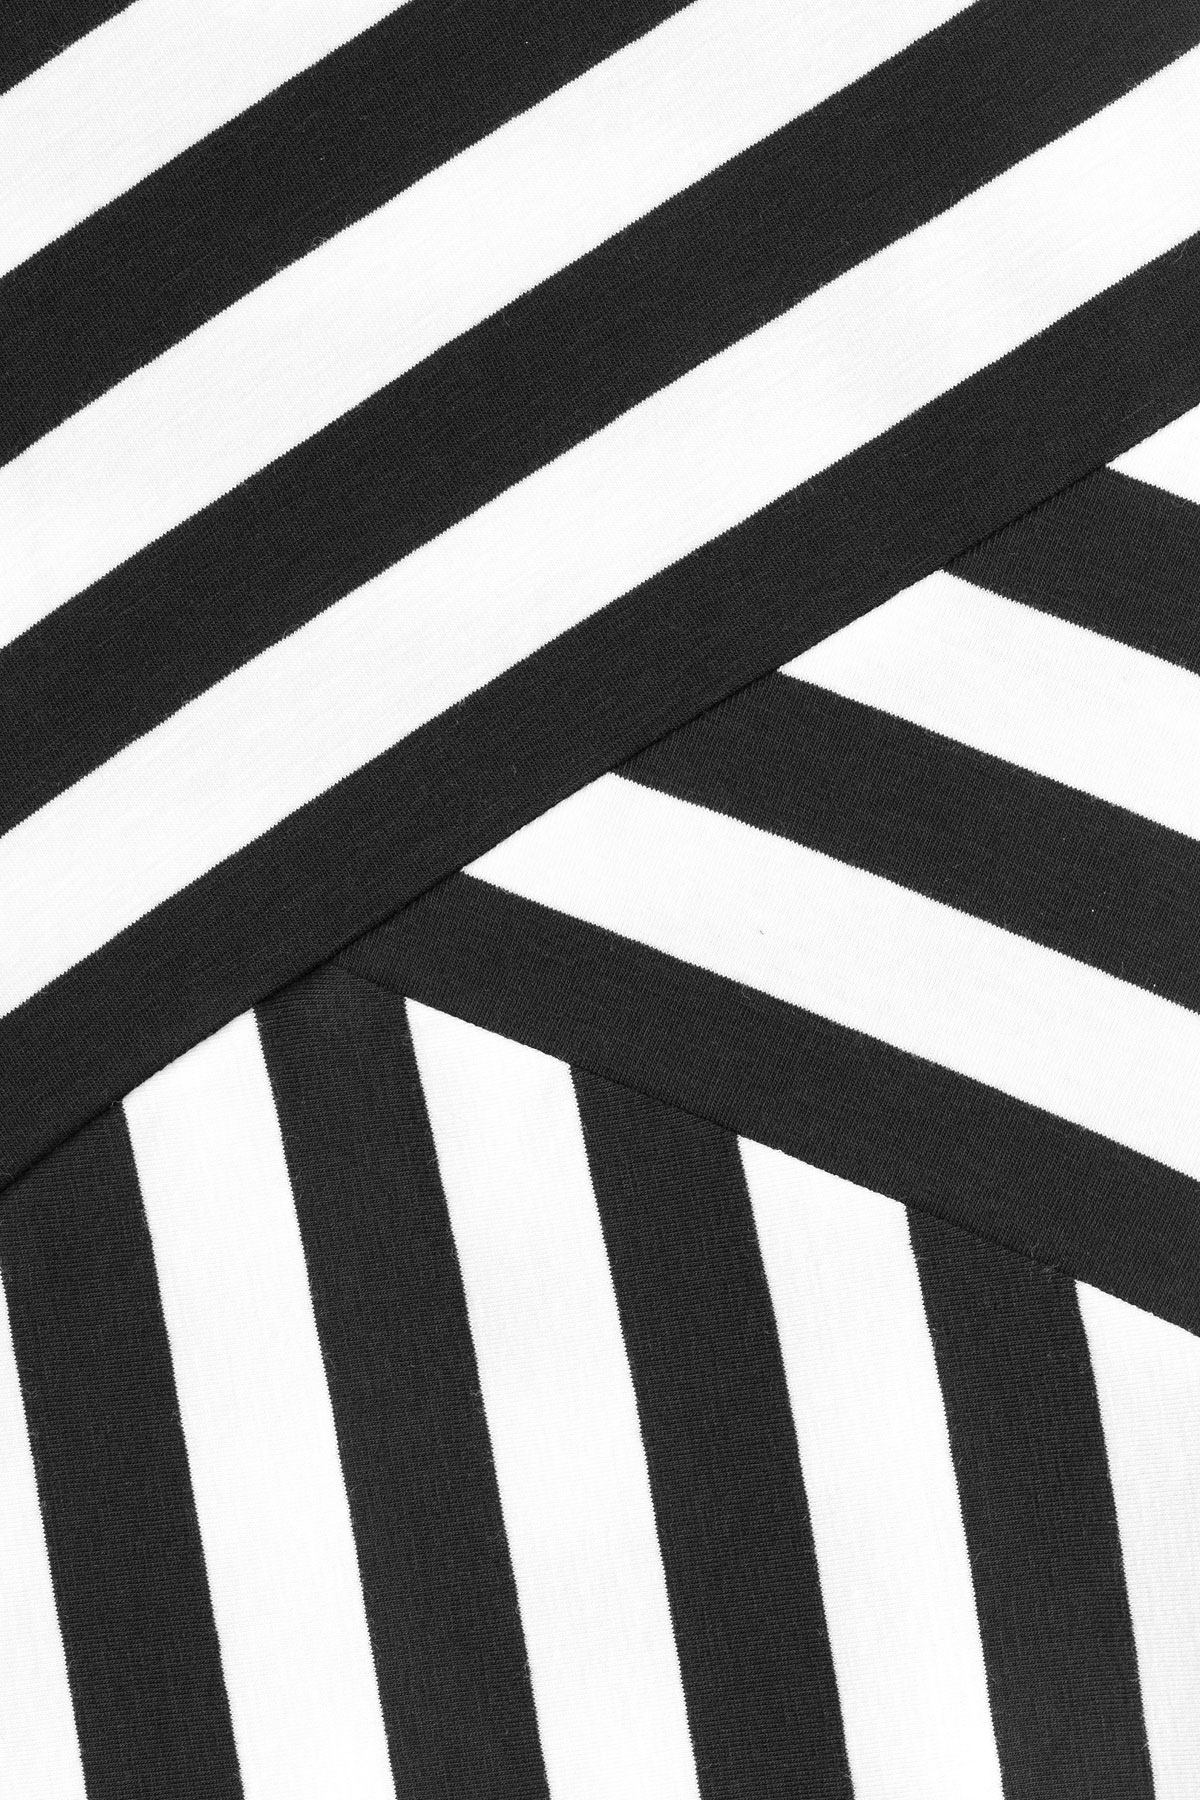 Dkny black and white maxi dress